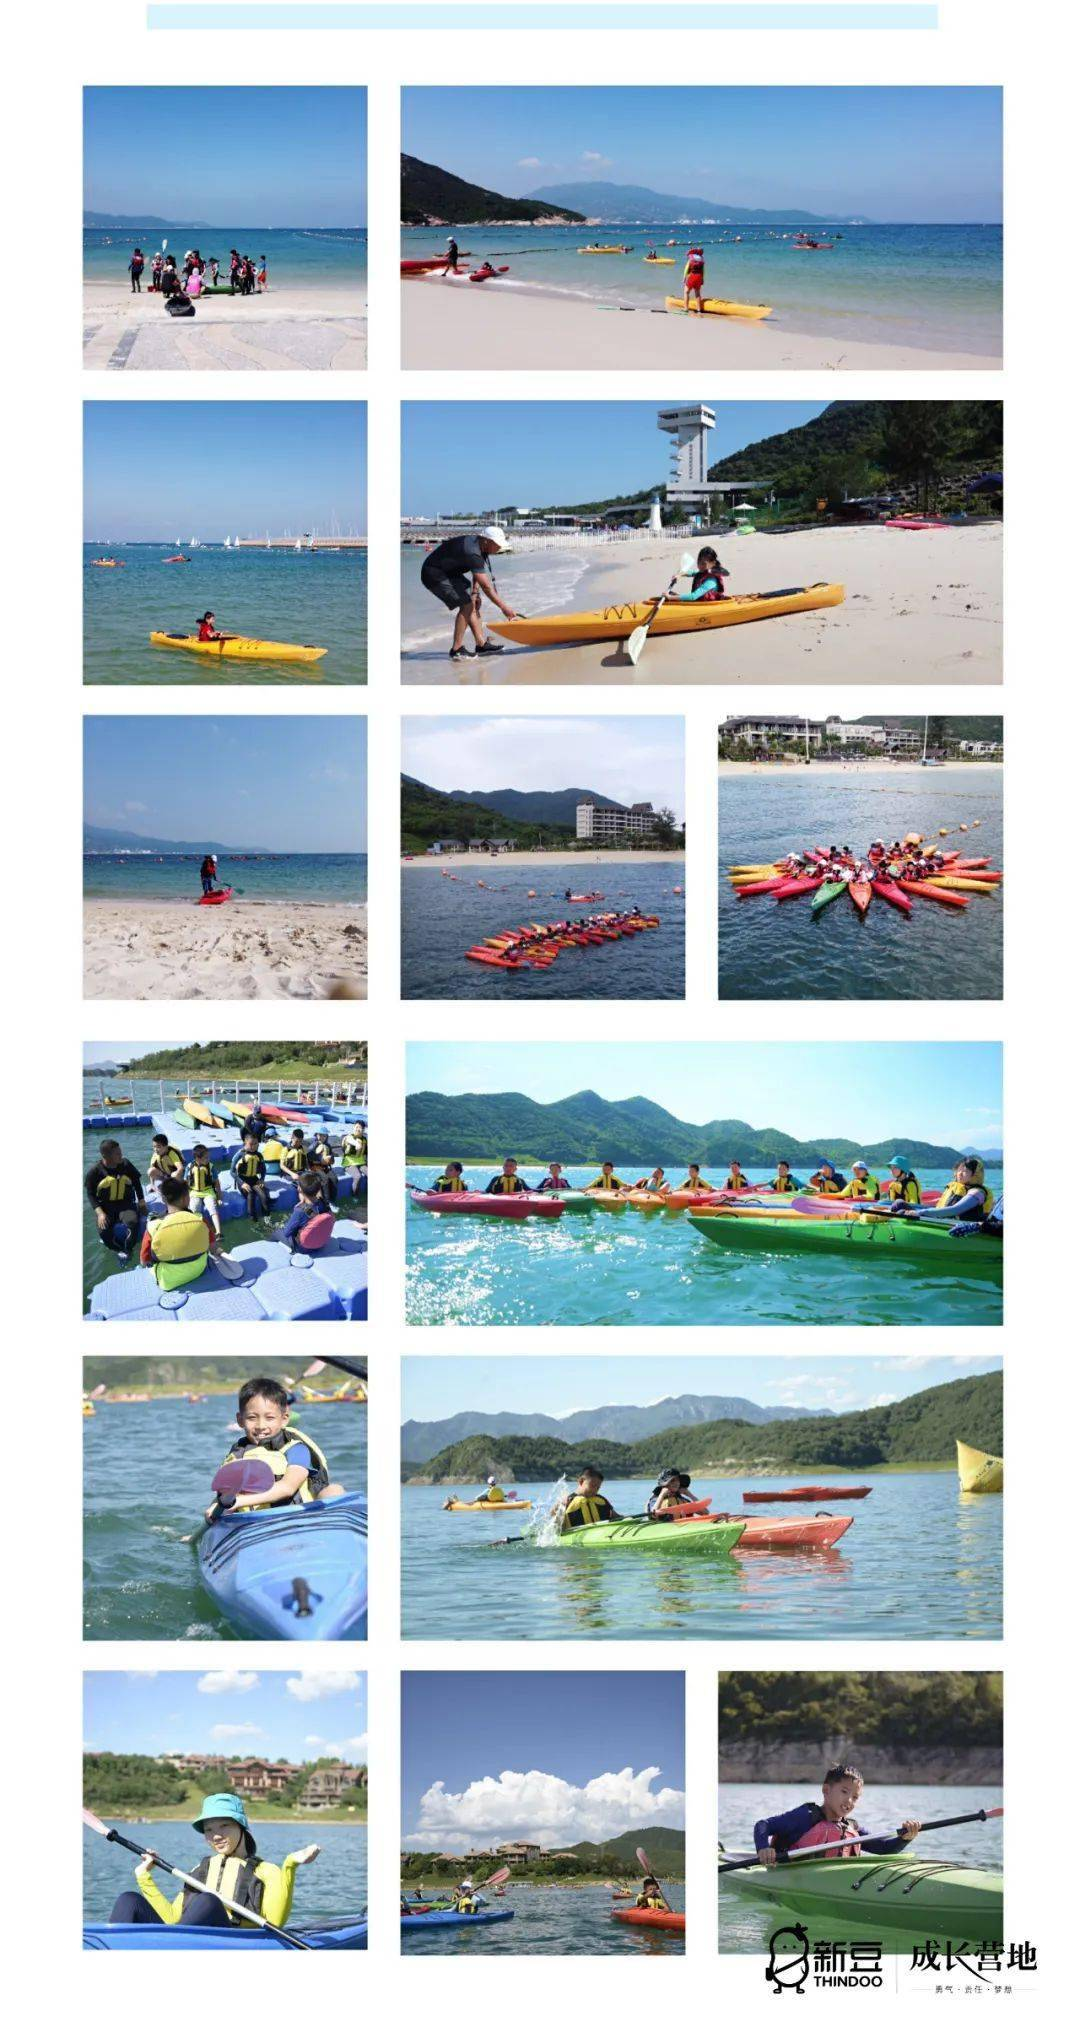 2021寒假【训练营】| 万泉河水上穿越皮划艇训练营/海南博鳌